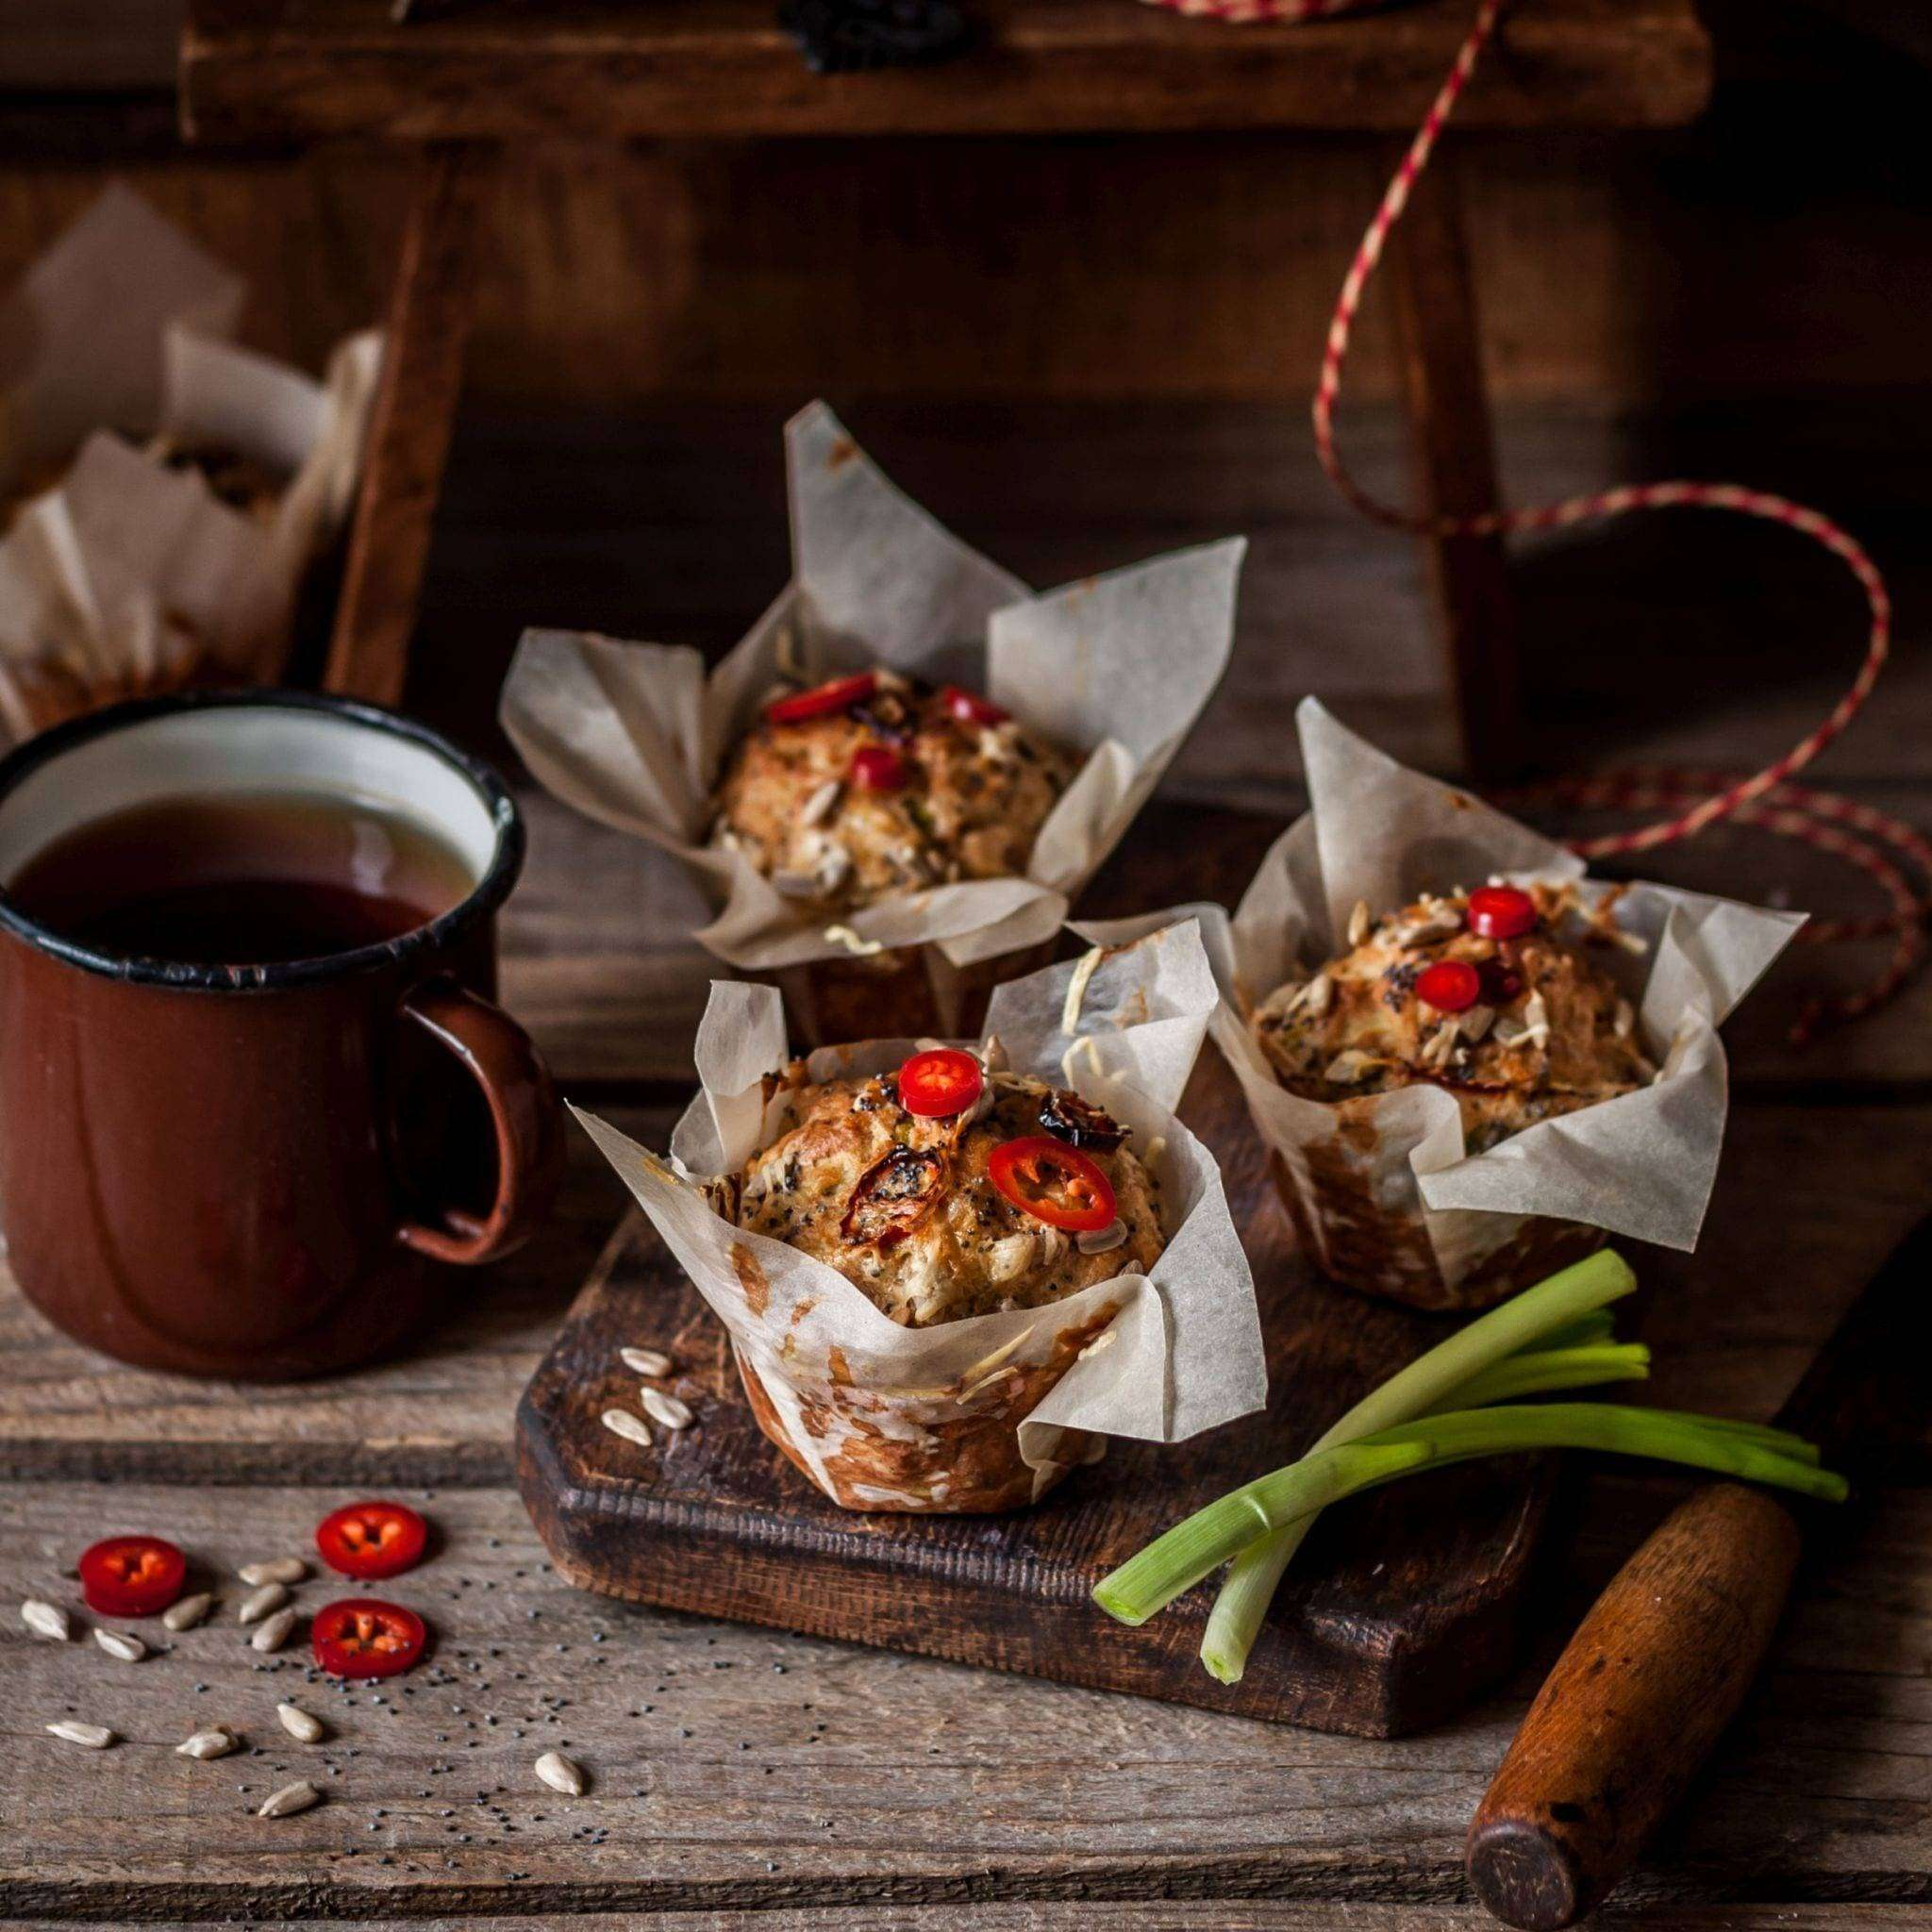 Savoury Potato Muffins with Chili, Poppy and Sunflower Seeds, nasiona